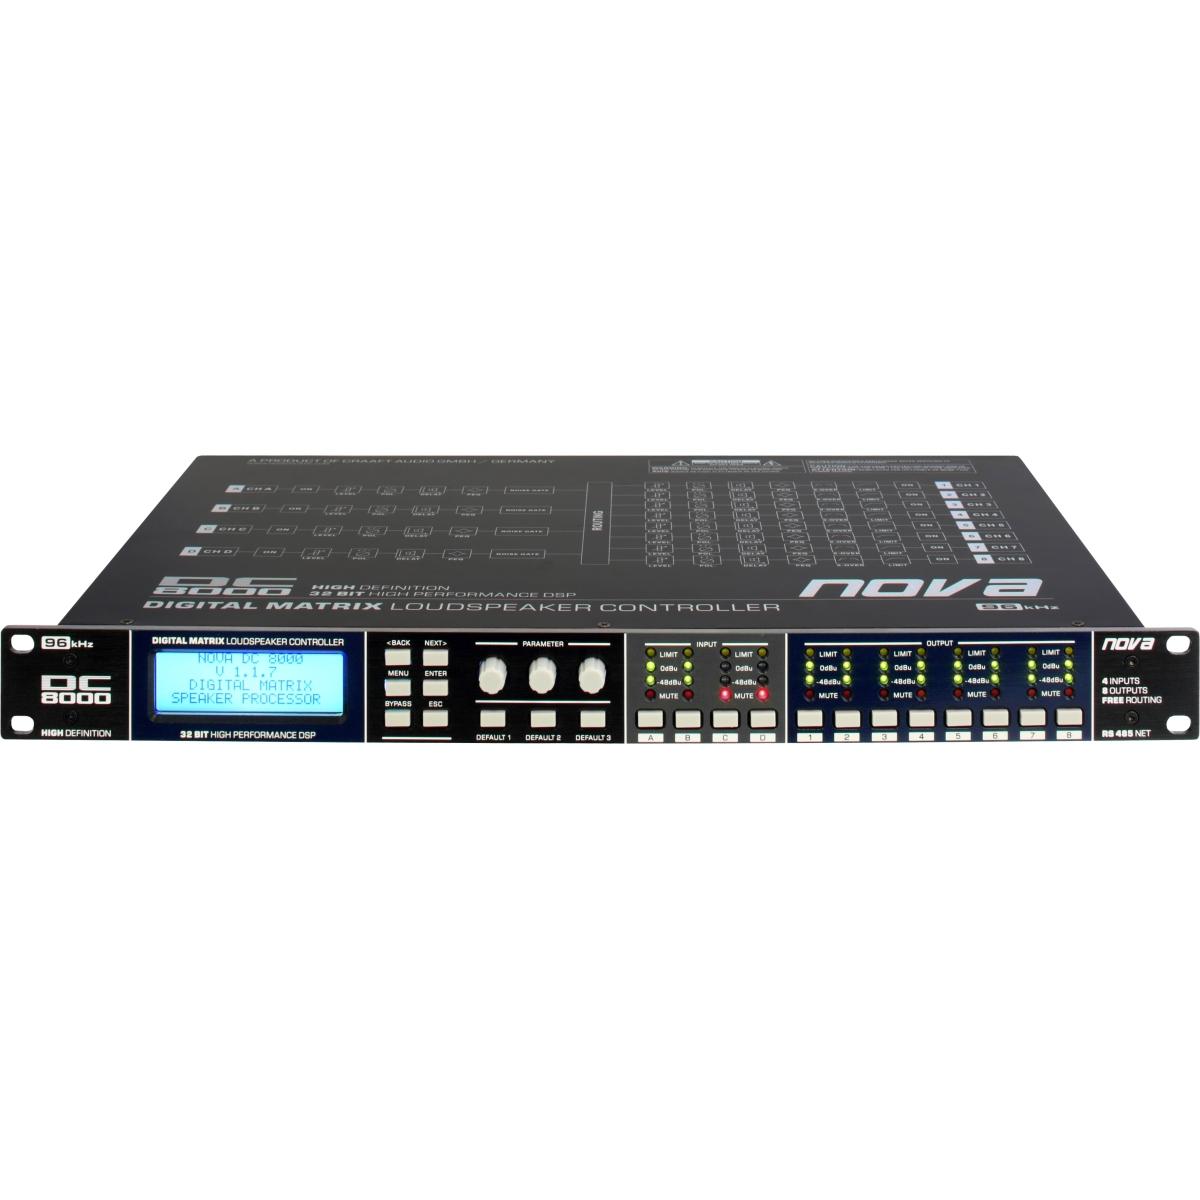 NOVA - DC8000 - PROCESSORE DIGITALE DI CONTROLLO SPEAKER